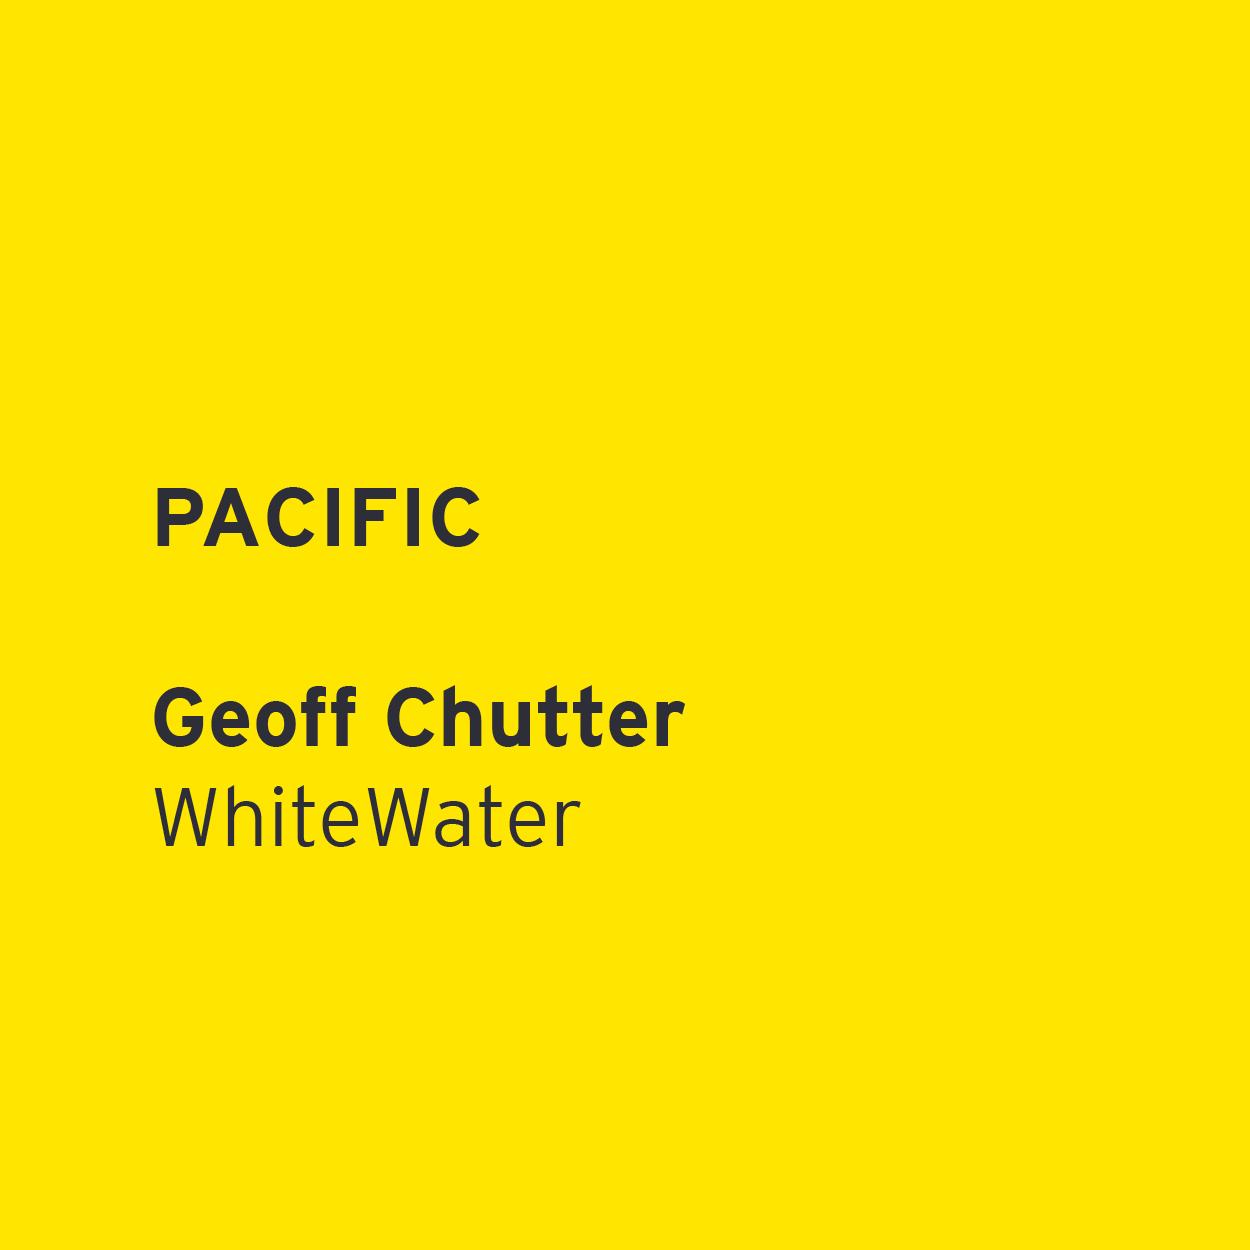 Geoff Chutter - WhiteWater